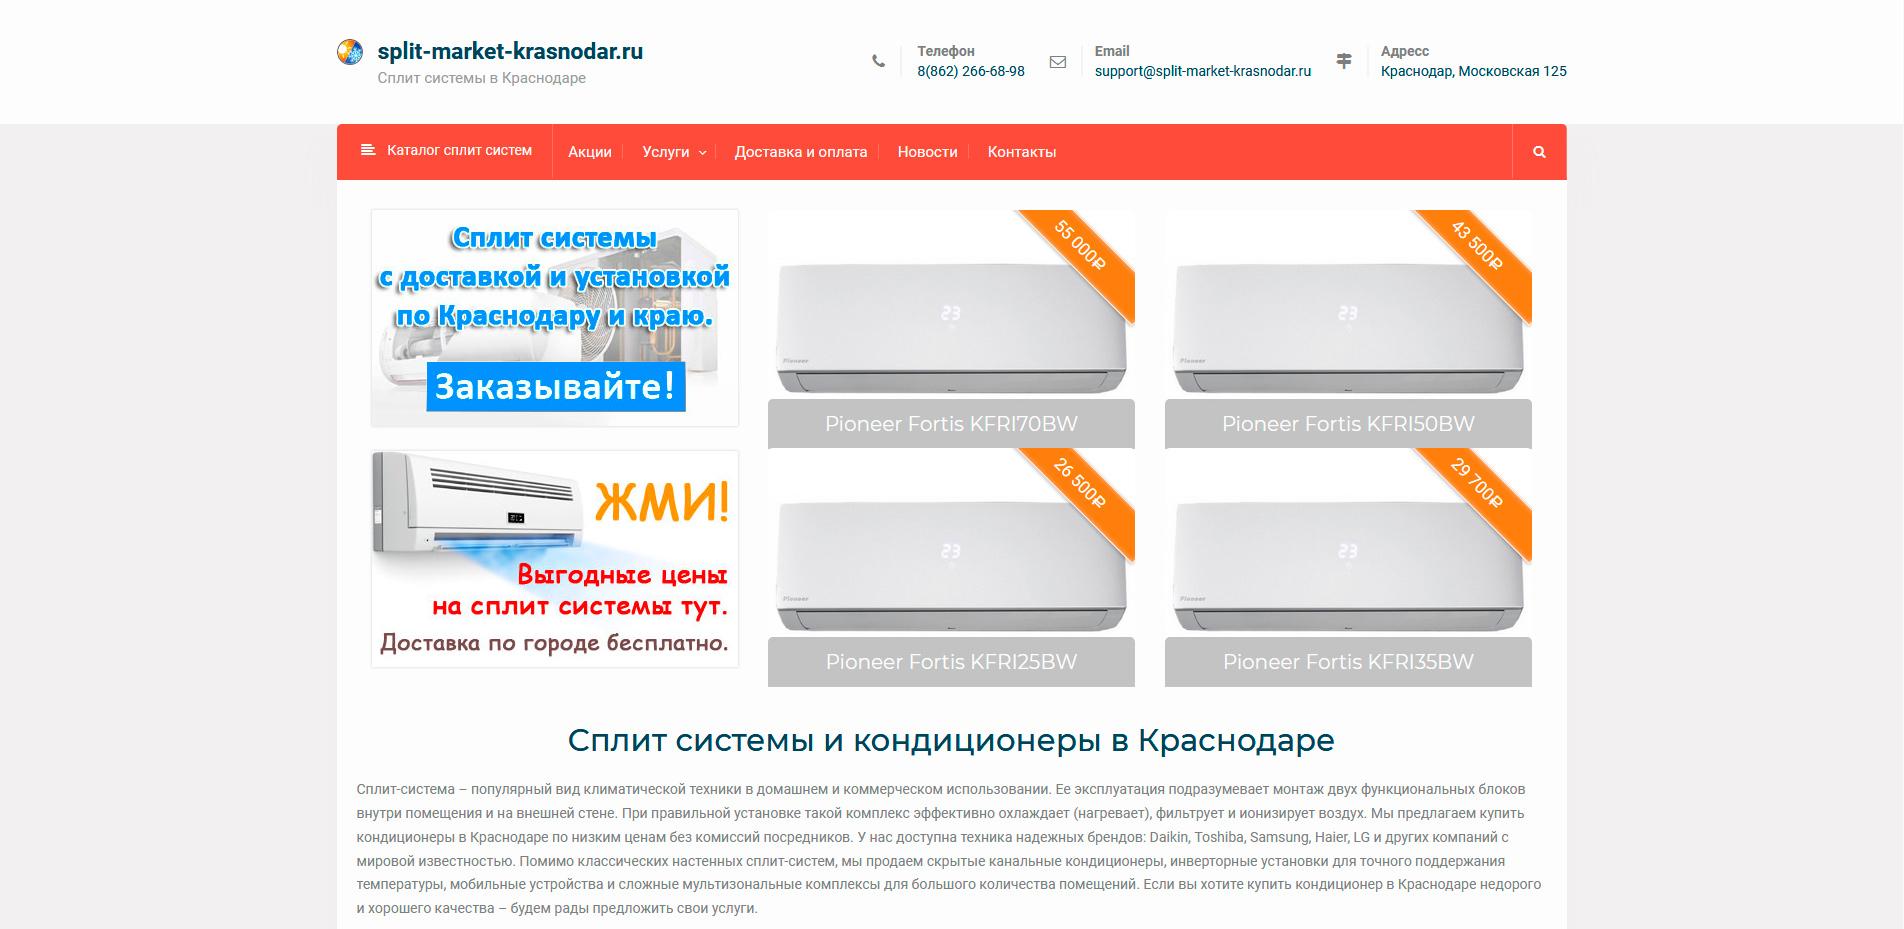 Каталог сплит систем — Split-market-krasnodar.ru